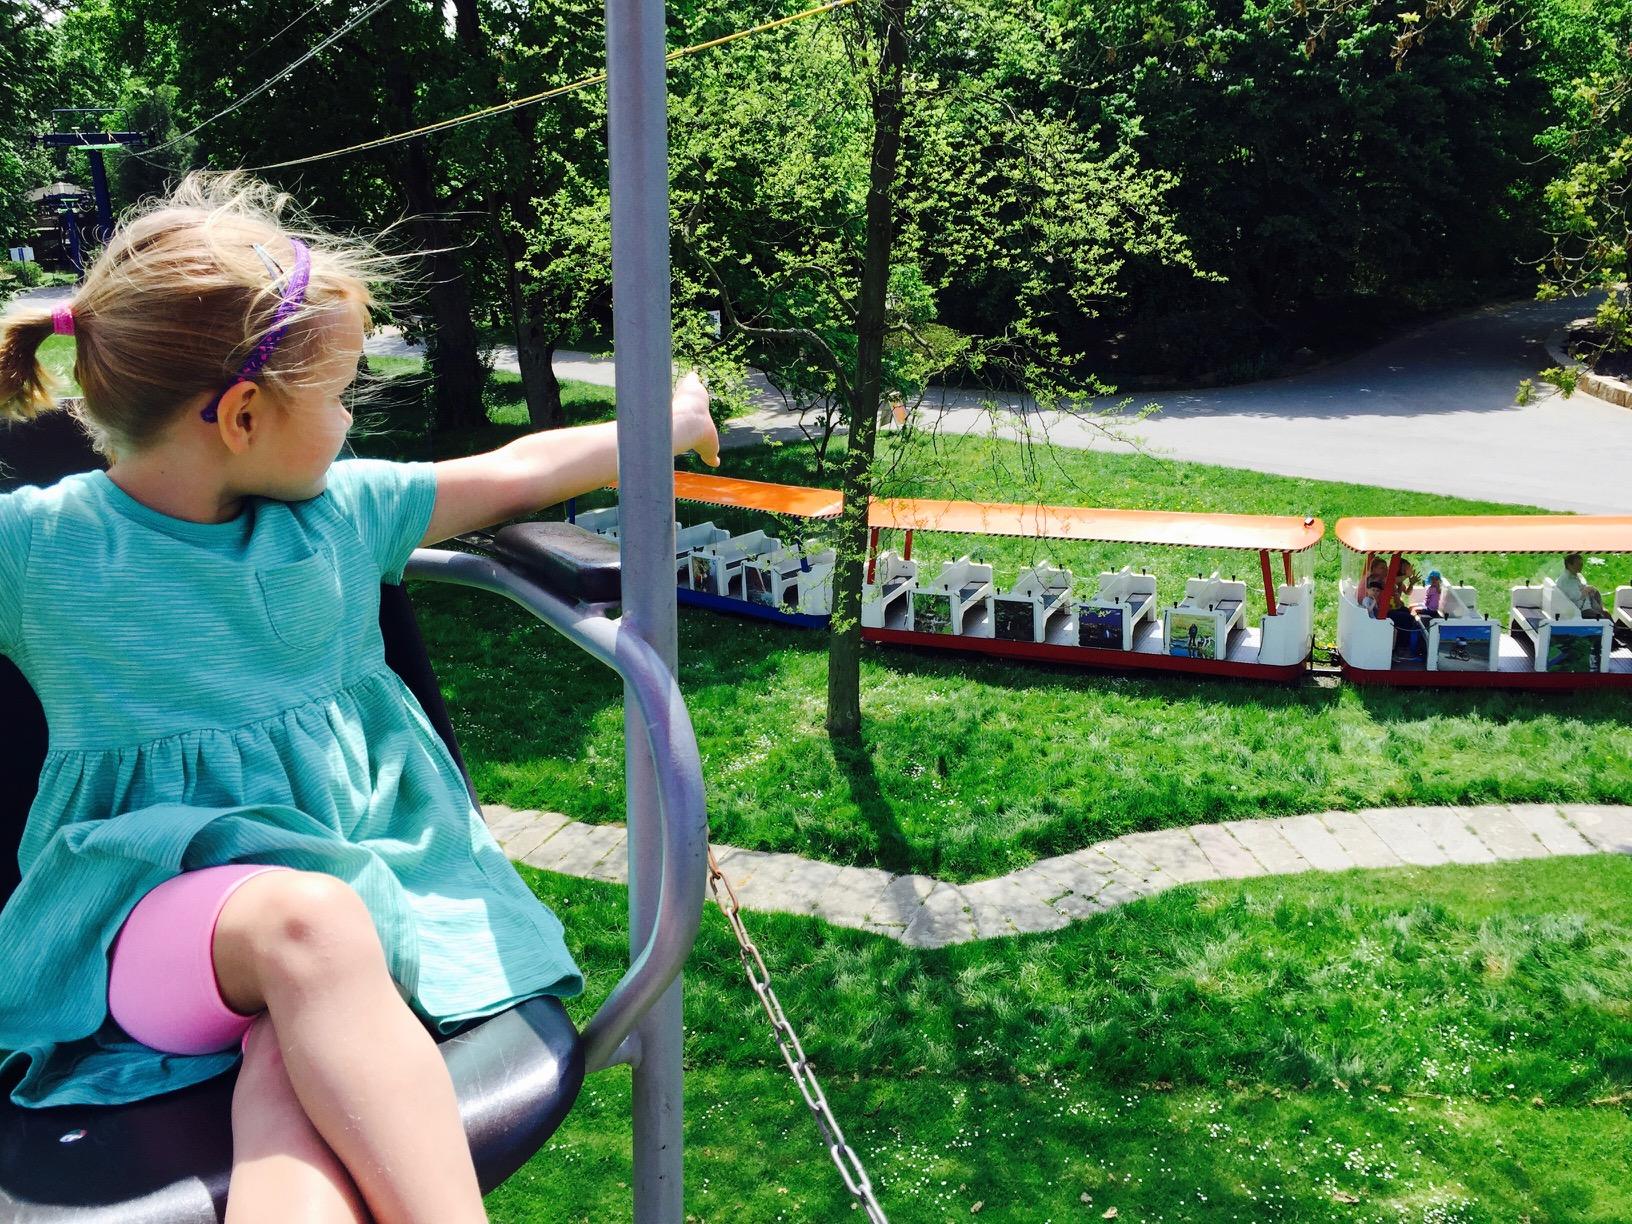 Ausflugstipps NRW, Kind in Seilbahn mit Blick auf die Kleinbahn im Westfalenpark Dortmund